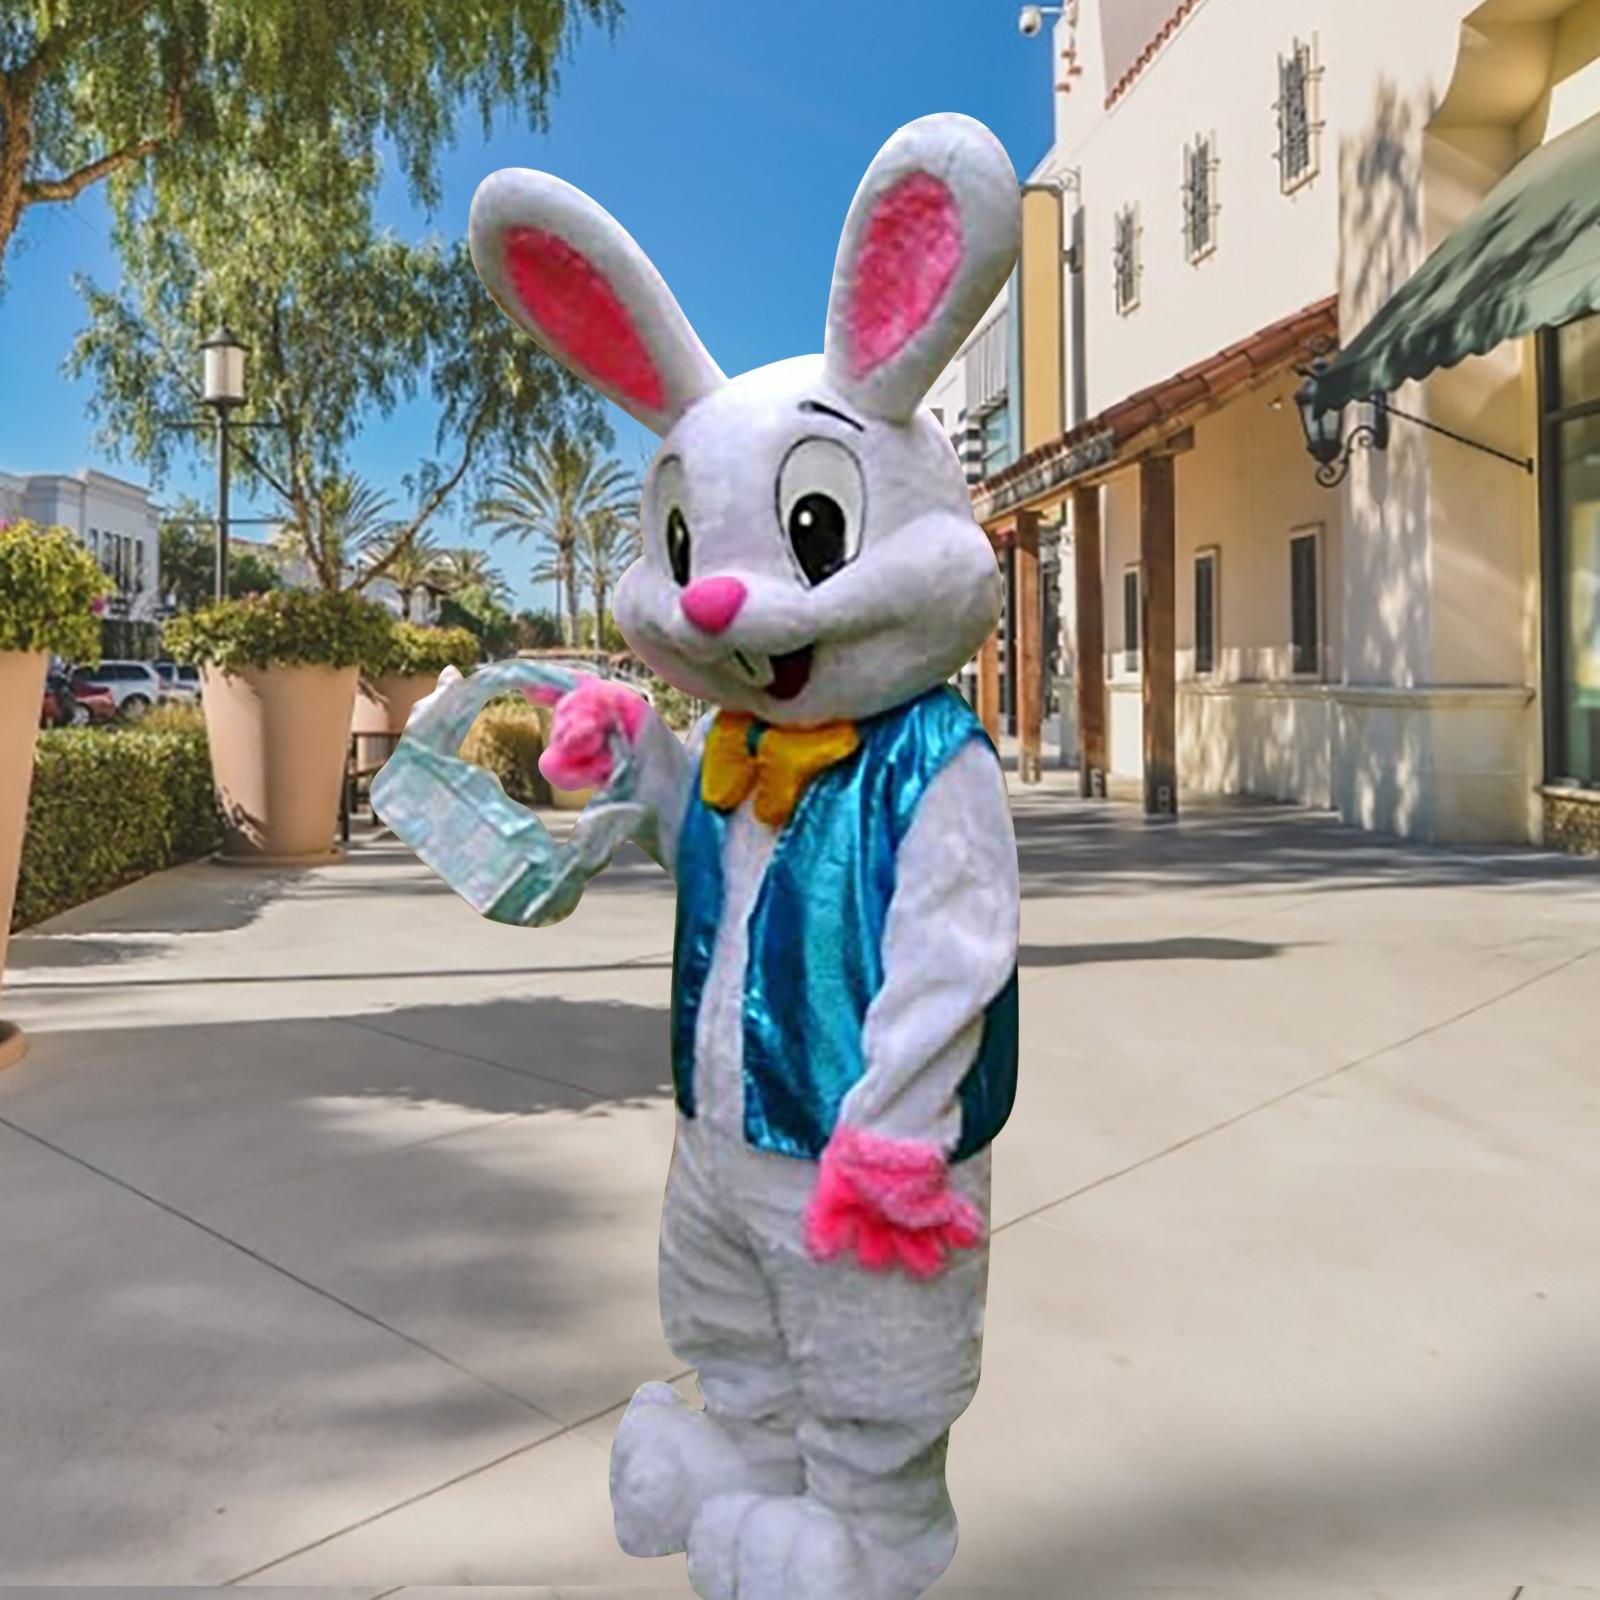 تأثيري ازياء الكعك Professional عيد الفصح الأرنب التميمة زي الأرنب البق الأرنب عيد الفصح الكبار التميمة